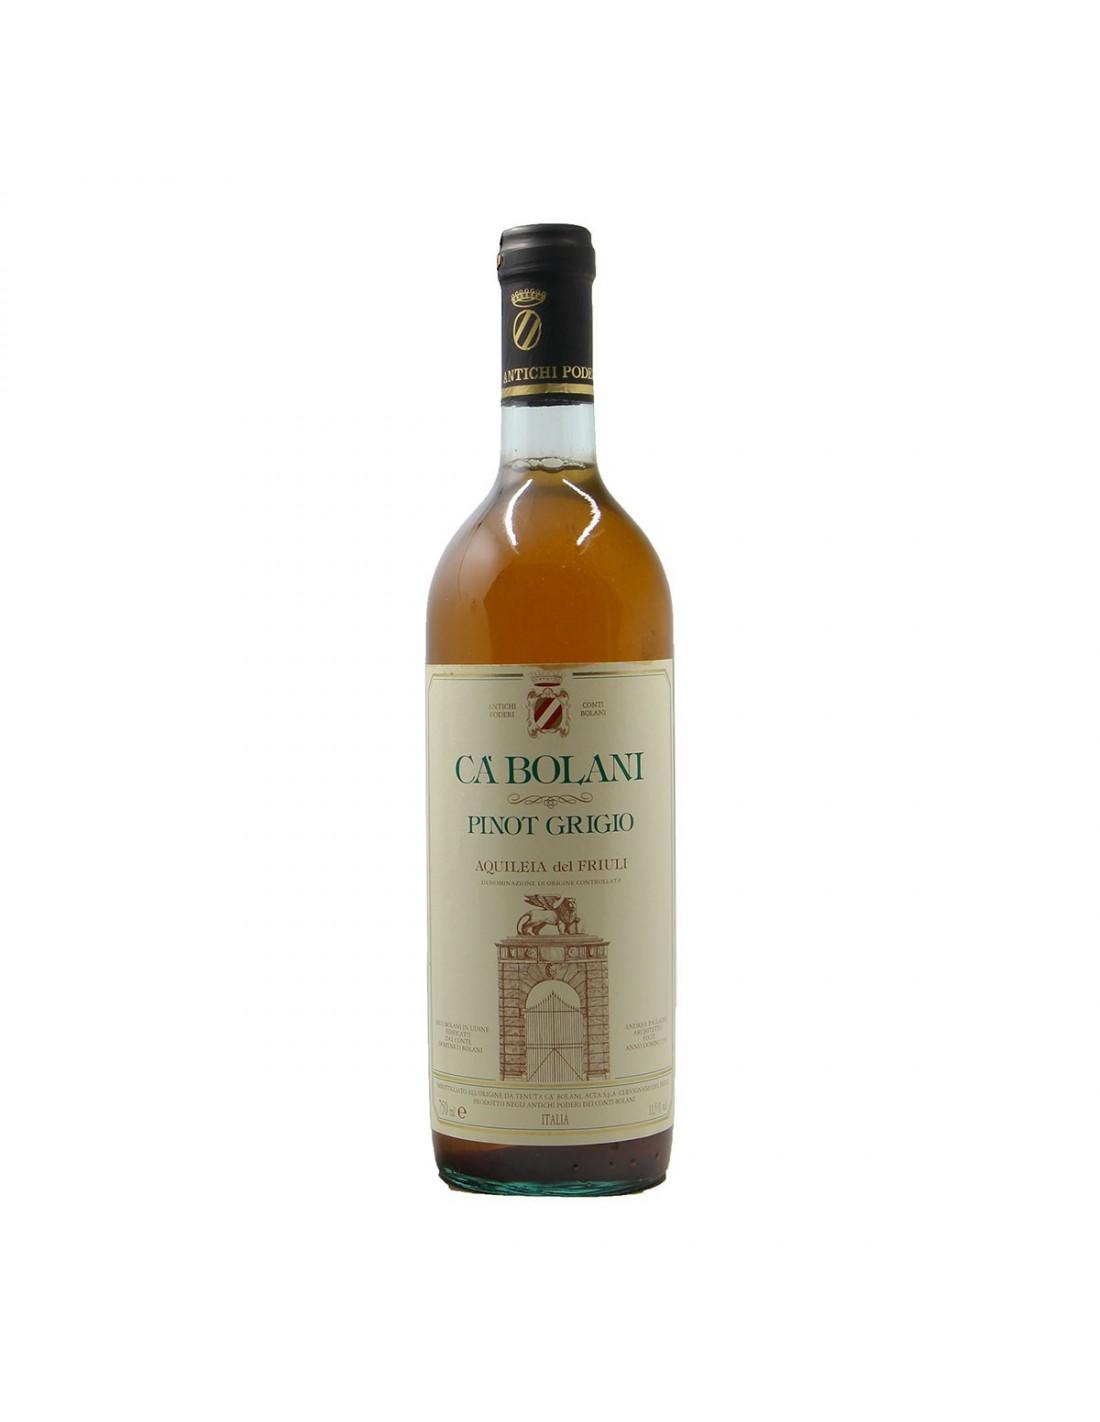 PINOT GRIGIO AQUILEIA 1989 TENUTE CA' BOLANI Grandi Bottiglie